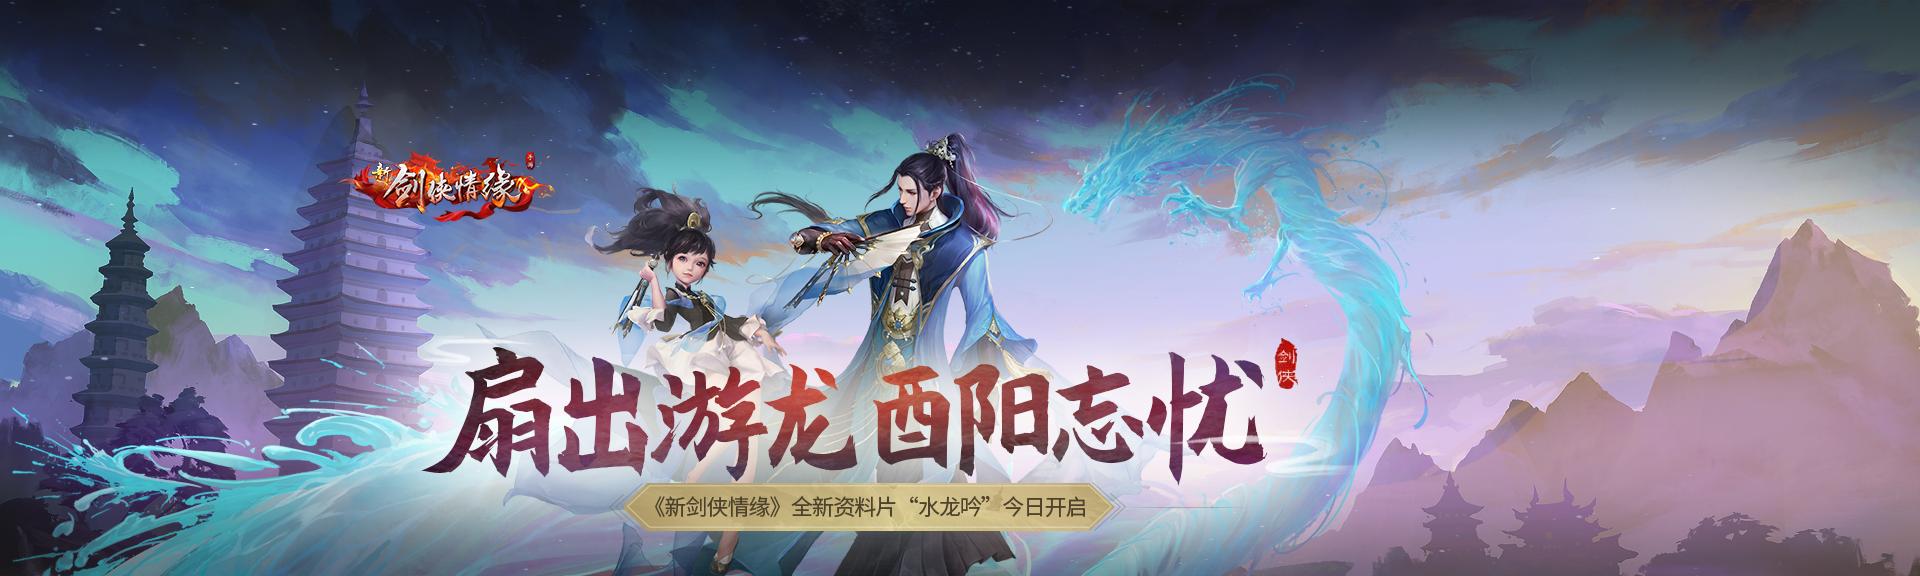 """《新剑侠情缘手游》新资料片""""水龙吟""""今日上线"""